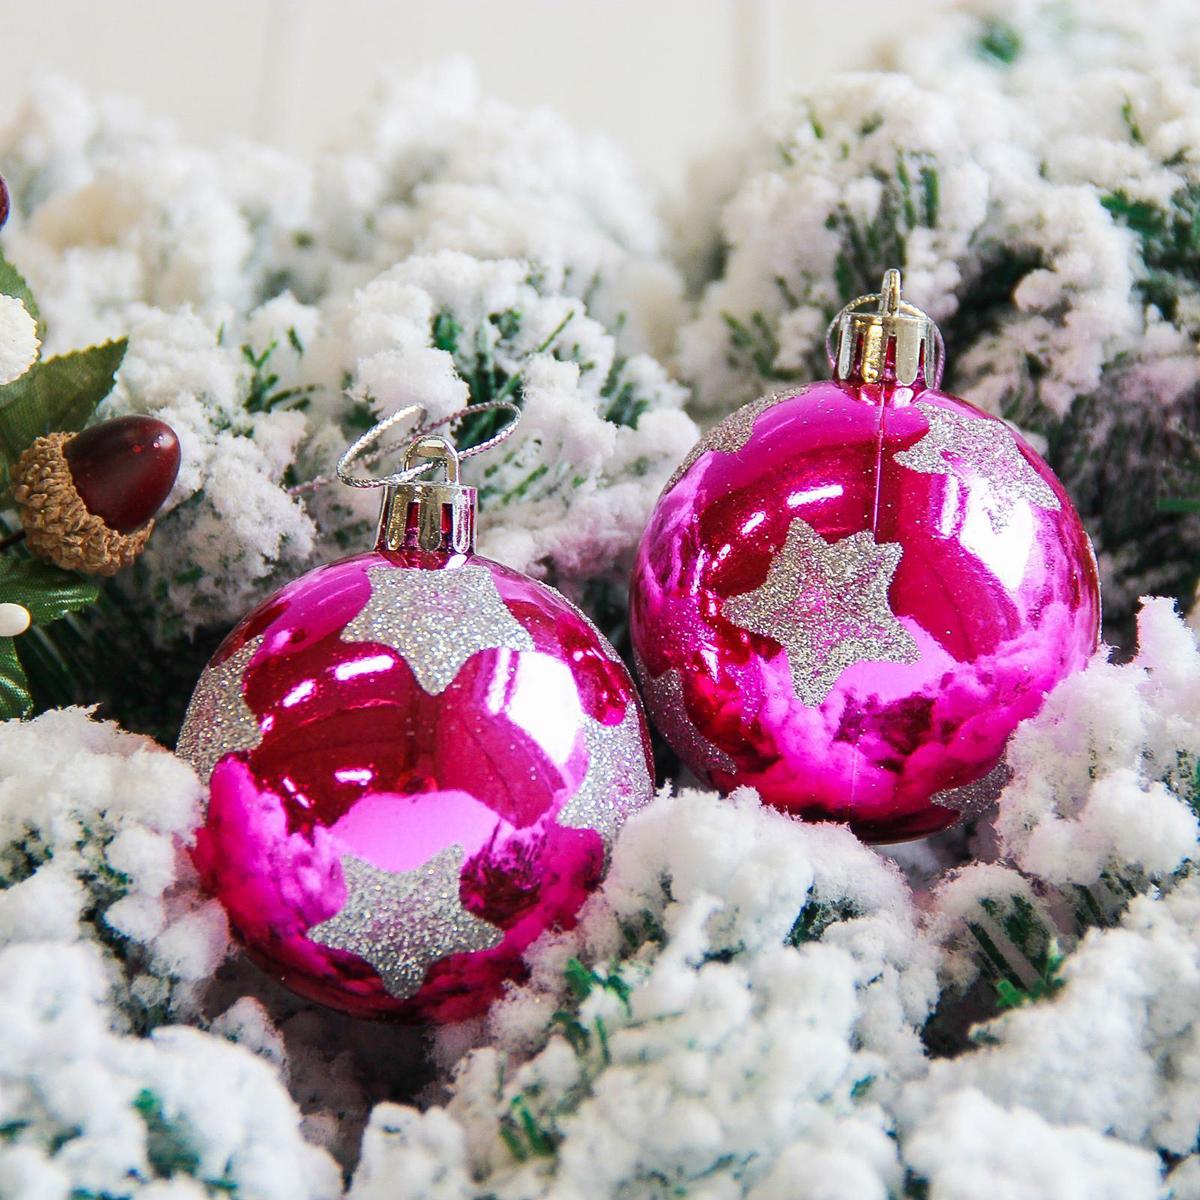 Набор новогодних подвесных украшений Sima-land Яркая звезда, цвет: малиновый, диаметр 6 см, 6 шт2178173Набор новогодних подвесных украшений Sima-land отлично подойдет для декорации вашего дома и новогодней ели. С помощью специальной петельки украшение можно повесить в любом понравившемся вам месте. Но, конечно, удачнее всего оно будет смотреться на праздничной елке. Елочная игрушка - символ Нового года. Она несет в себе волшебство и красоту праздника. Создайте в своем доме атмосферу веселья и радости, украшая новогоднюю елку нарядными игрушками, которые будут из года в год накапливать теплоту воспоминаний.